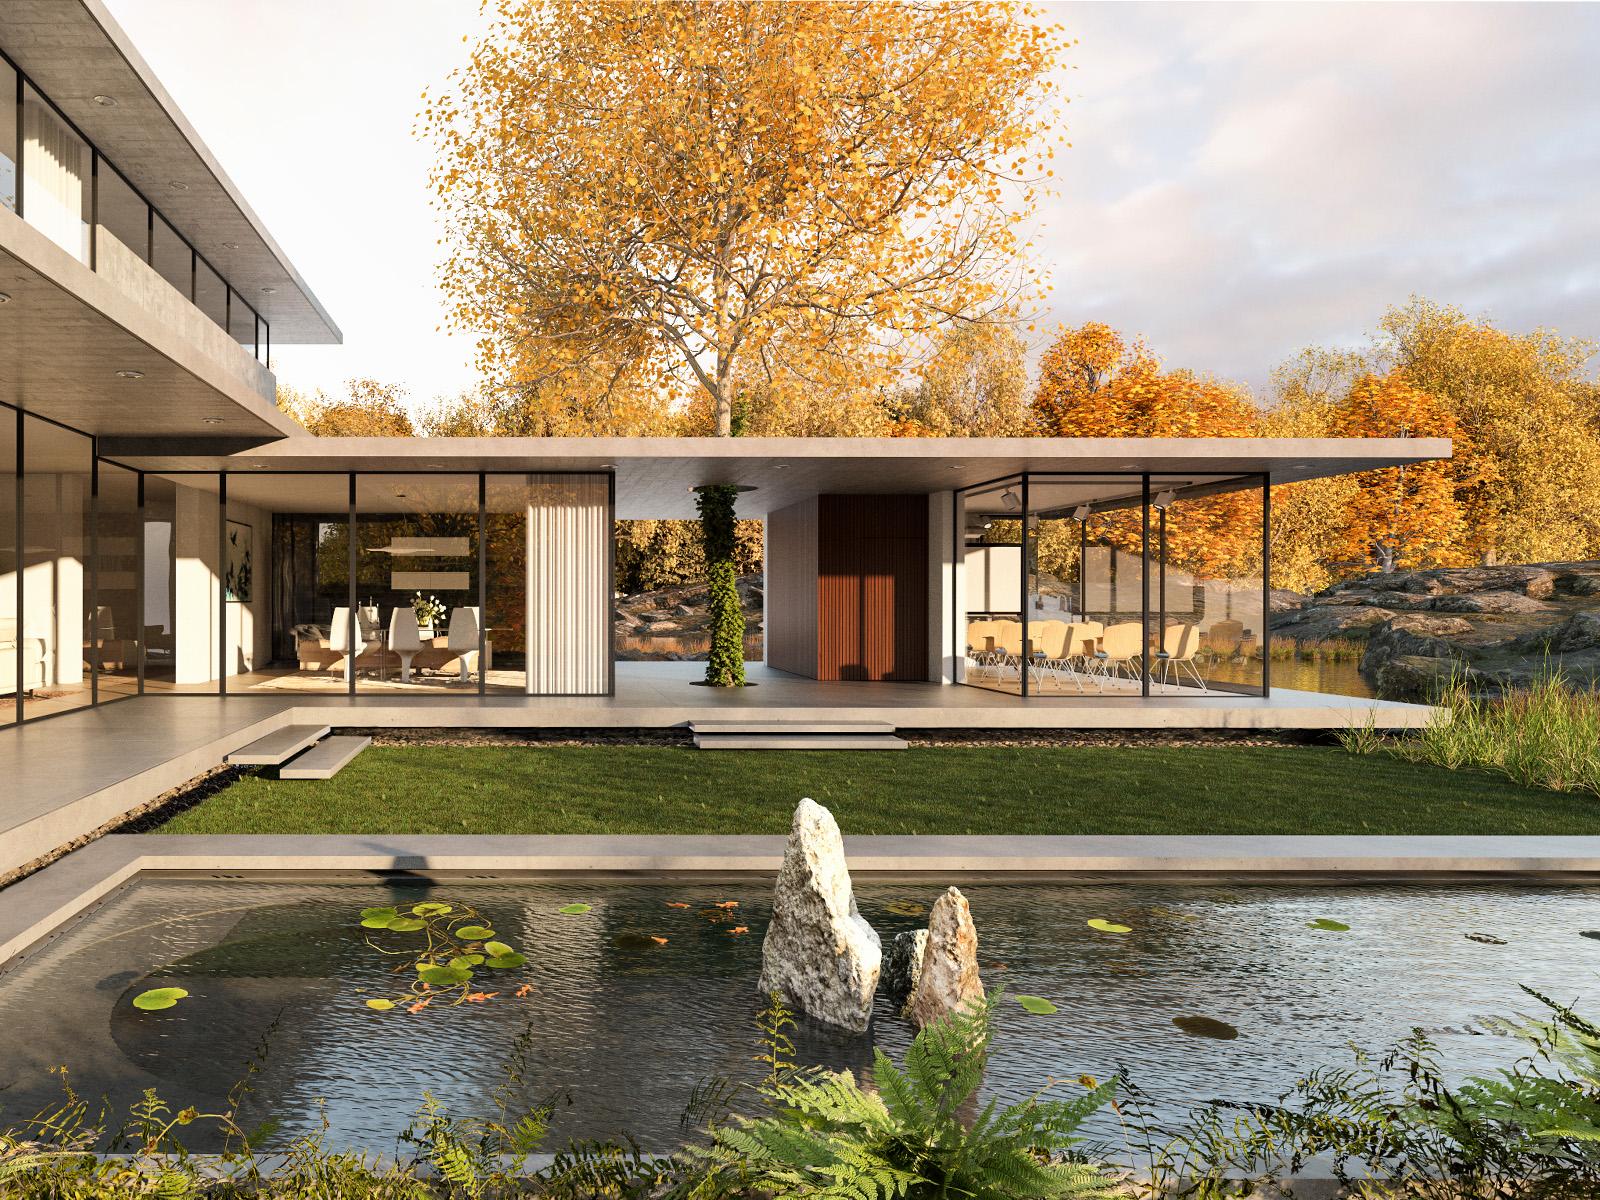 3d Visualisierung Hahn Media Konstruktion einer Villa mit Garten und Gartenteich